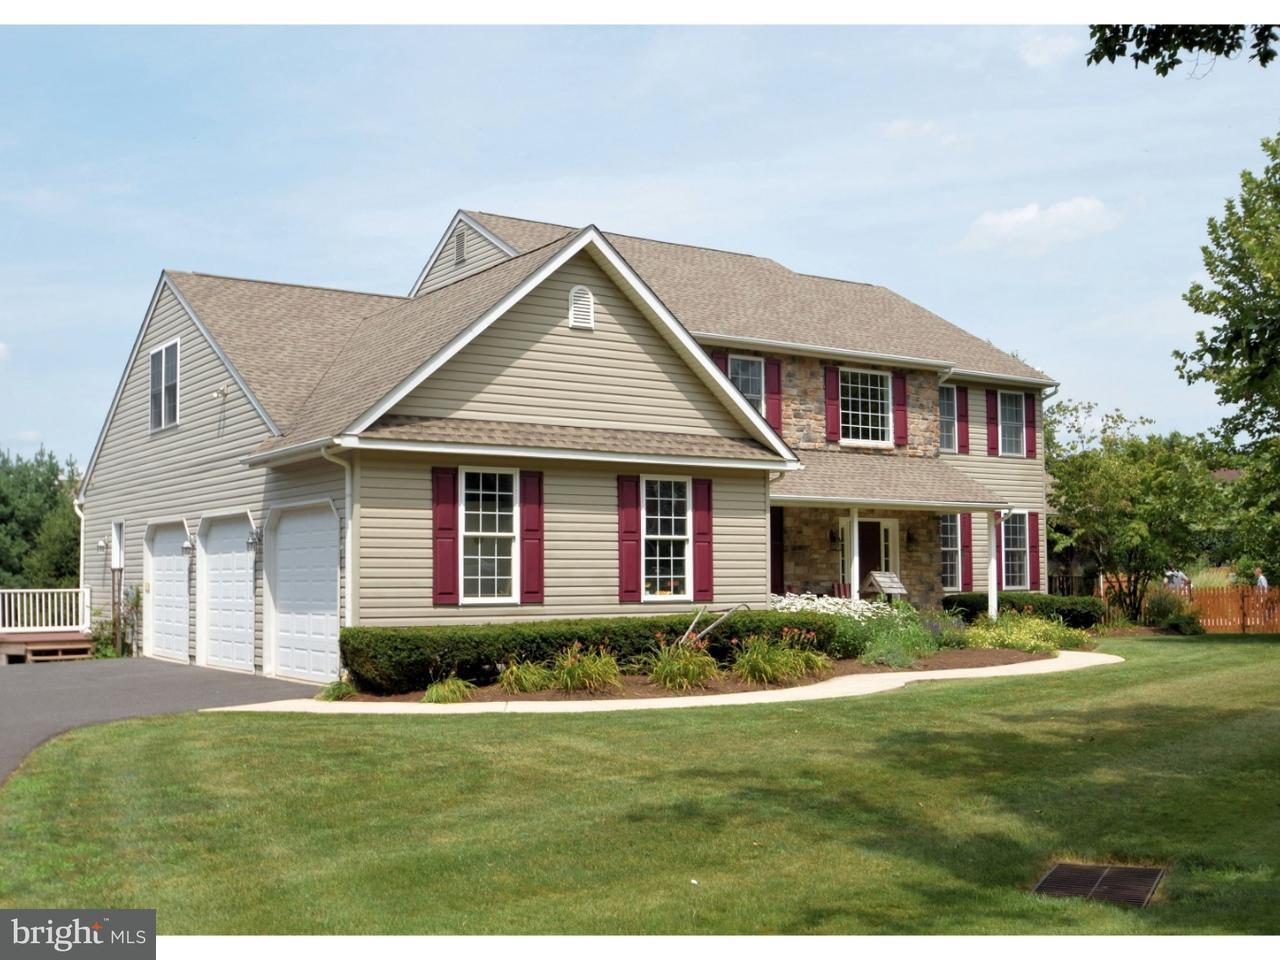 独户住宅 为 销售 在 231 HARLEYSVILLE PIKE Telford, 宾夕法尼亚州 18964 美国